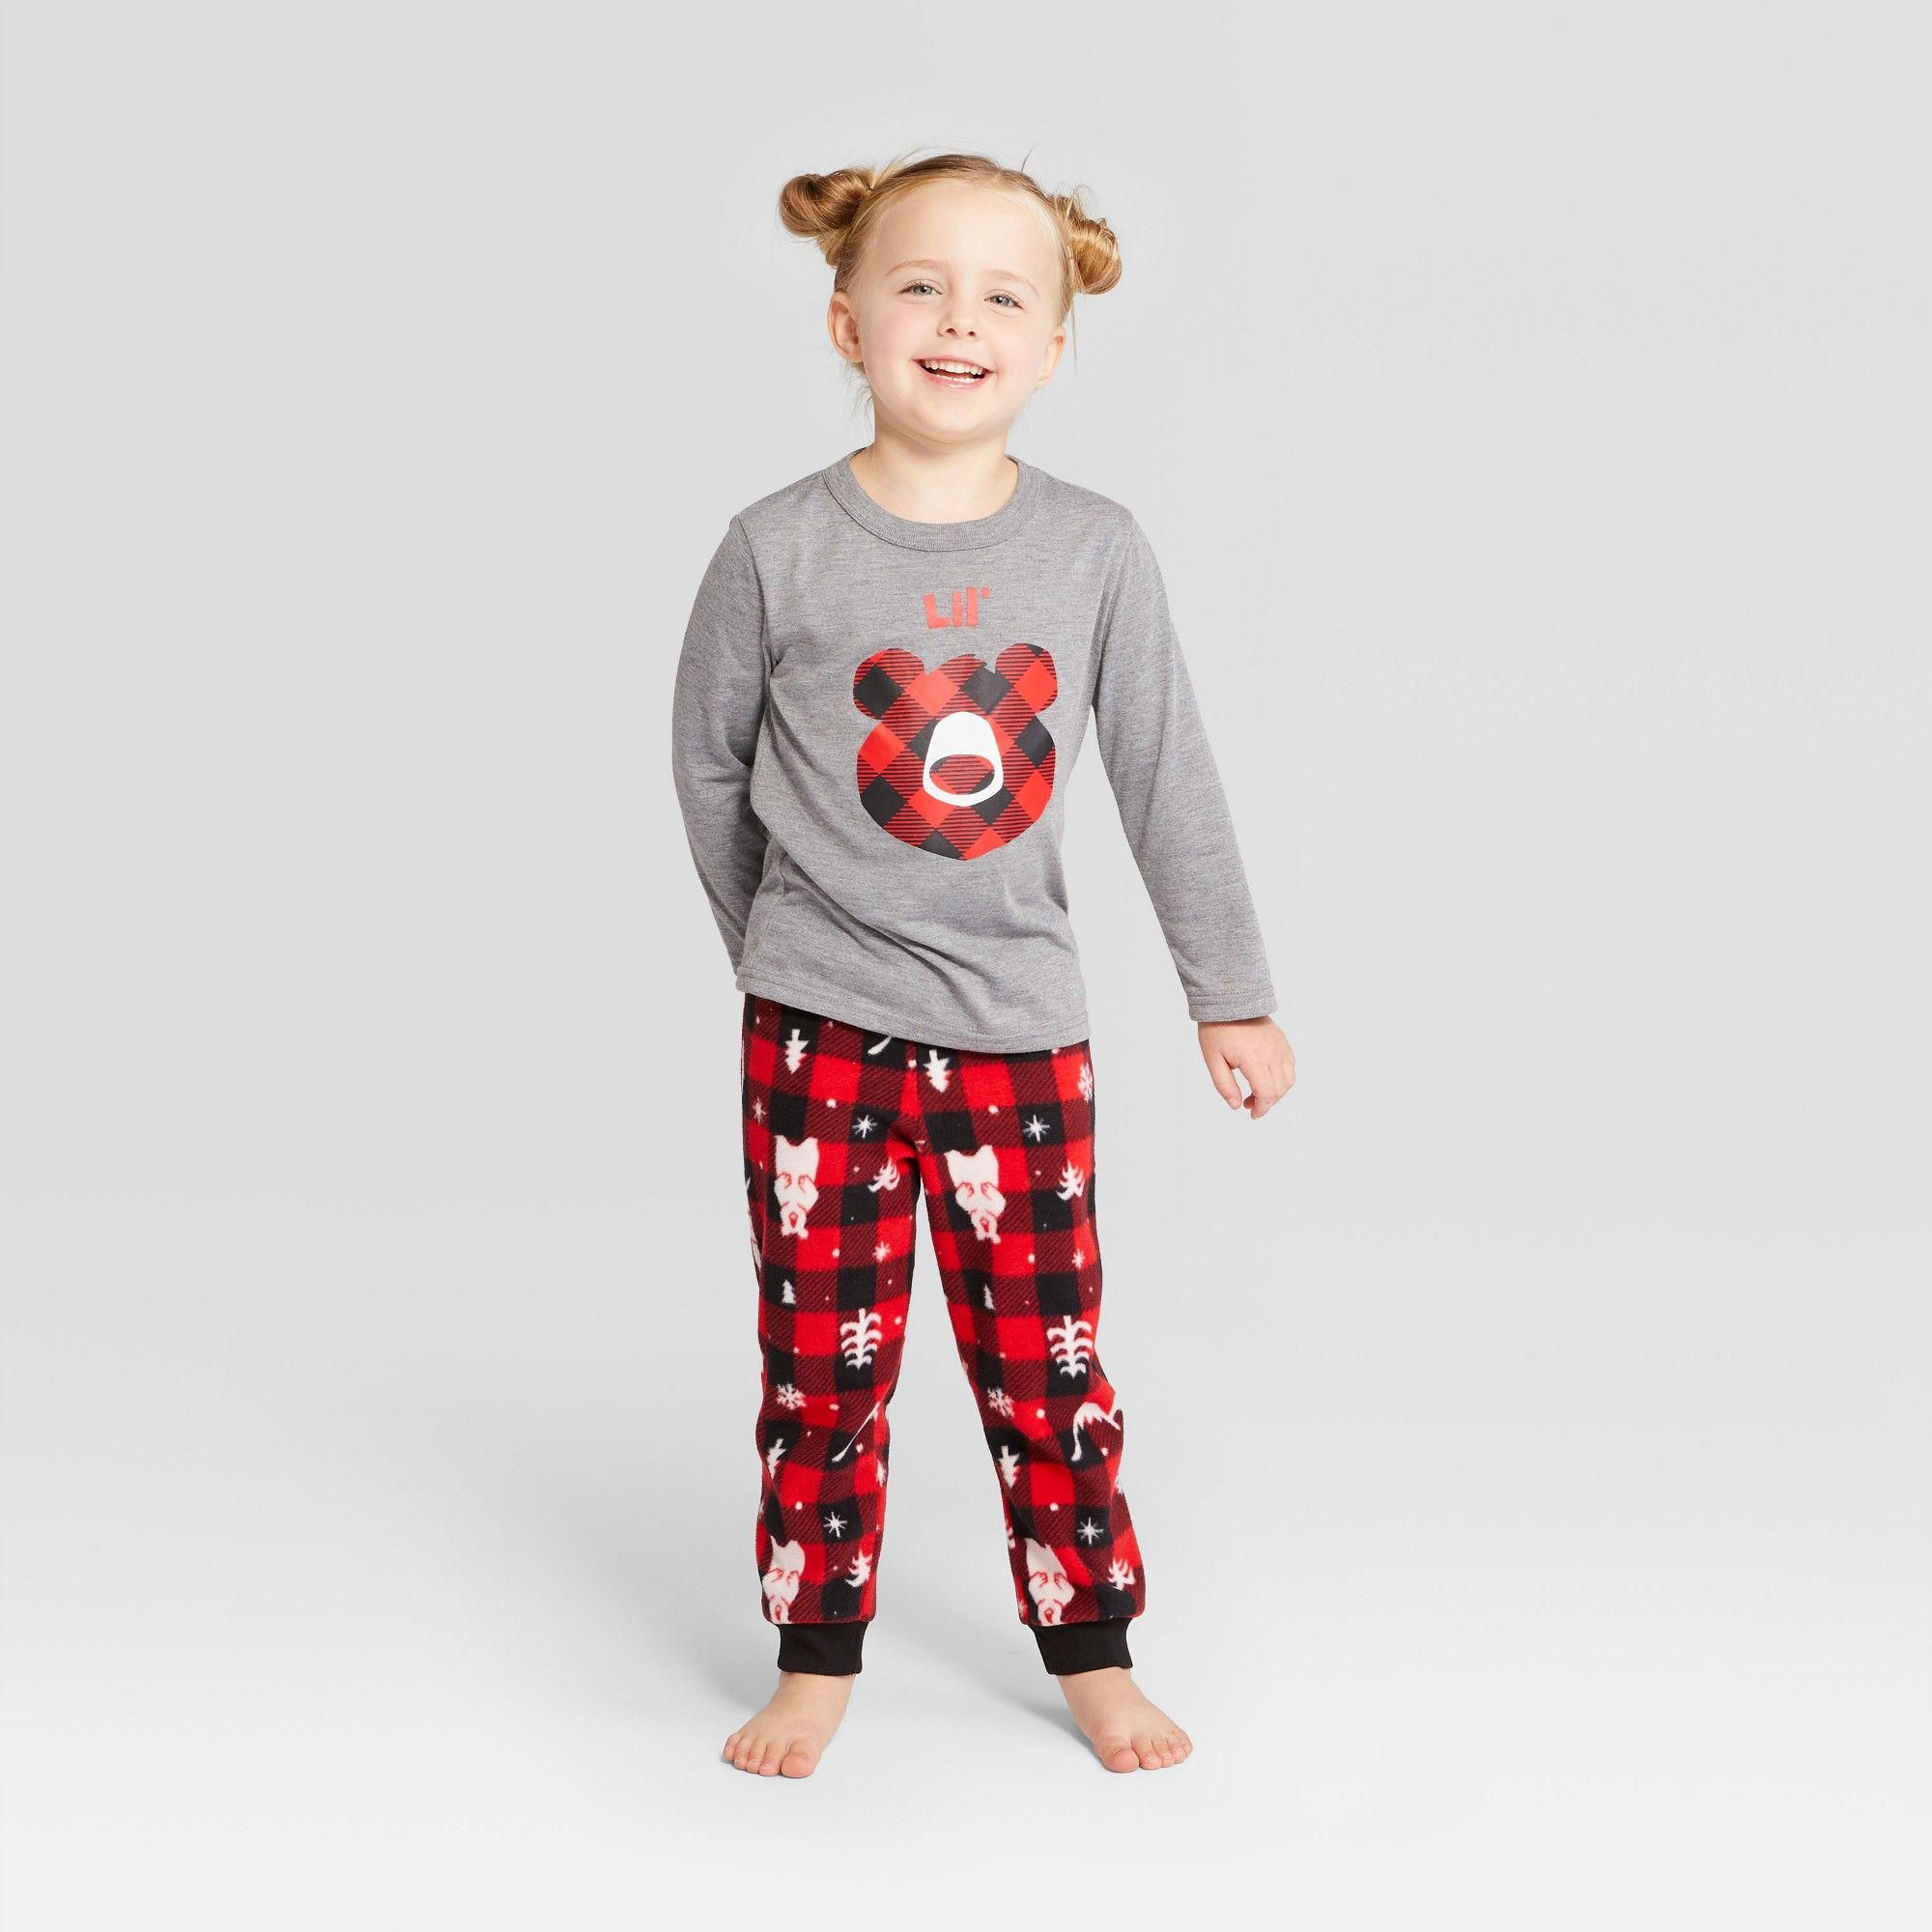 fc951123edc3 Toddler Holiday Bear Pajama Set - Wondershop Red 18M